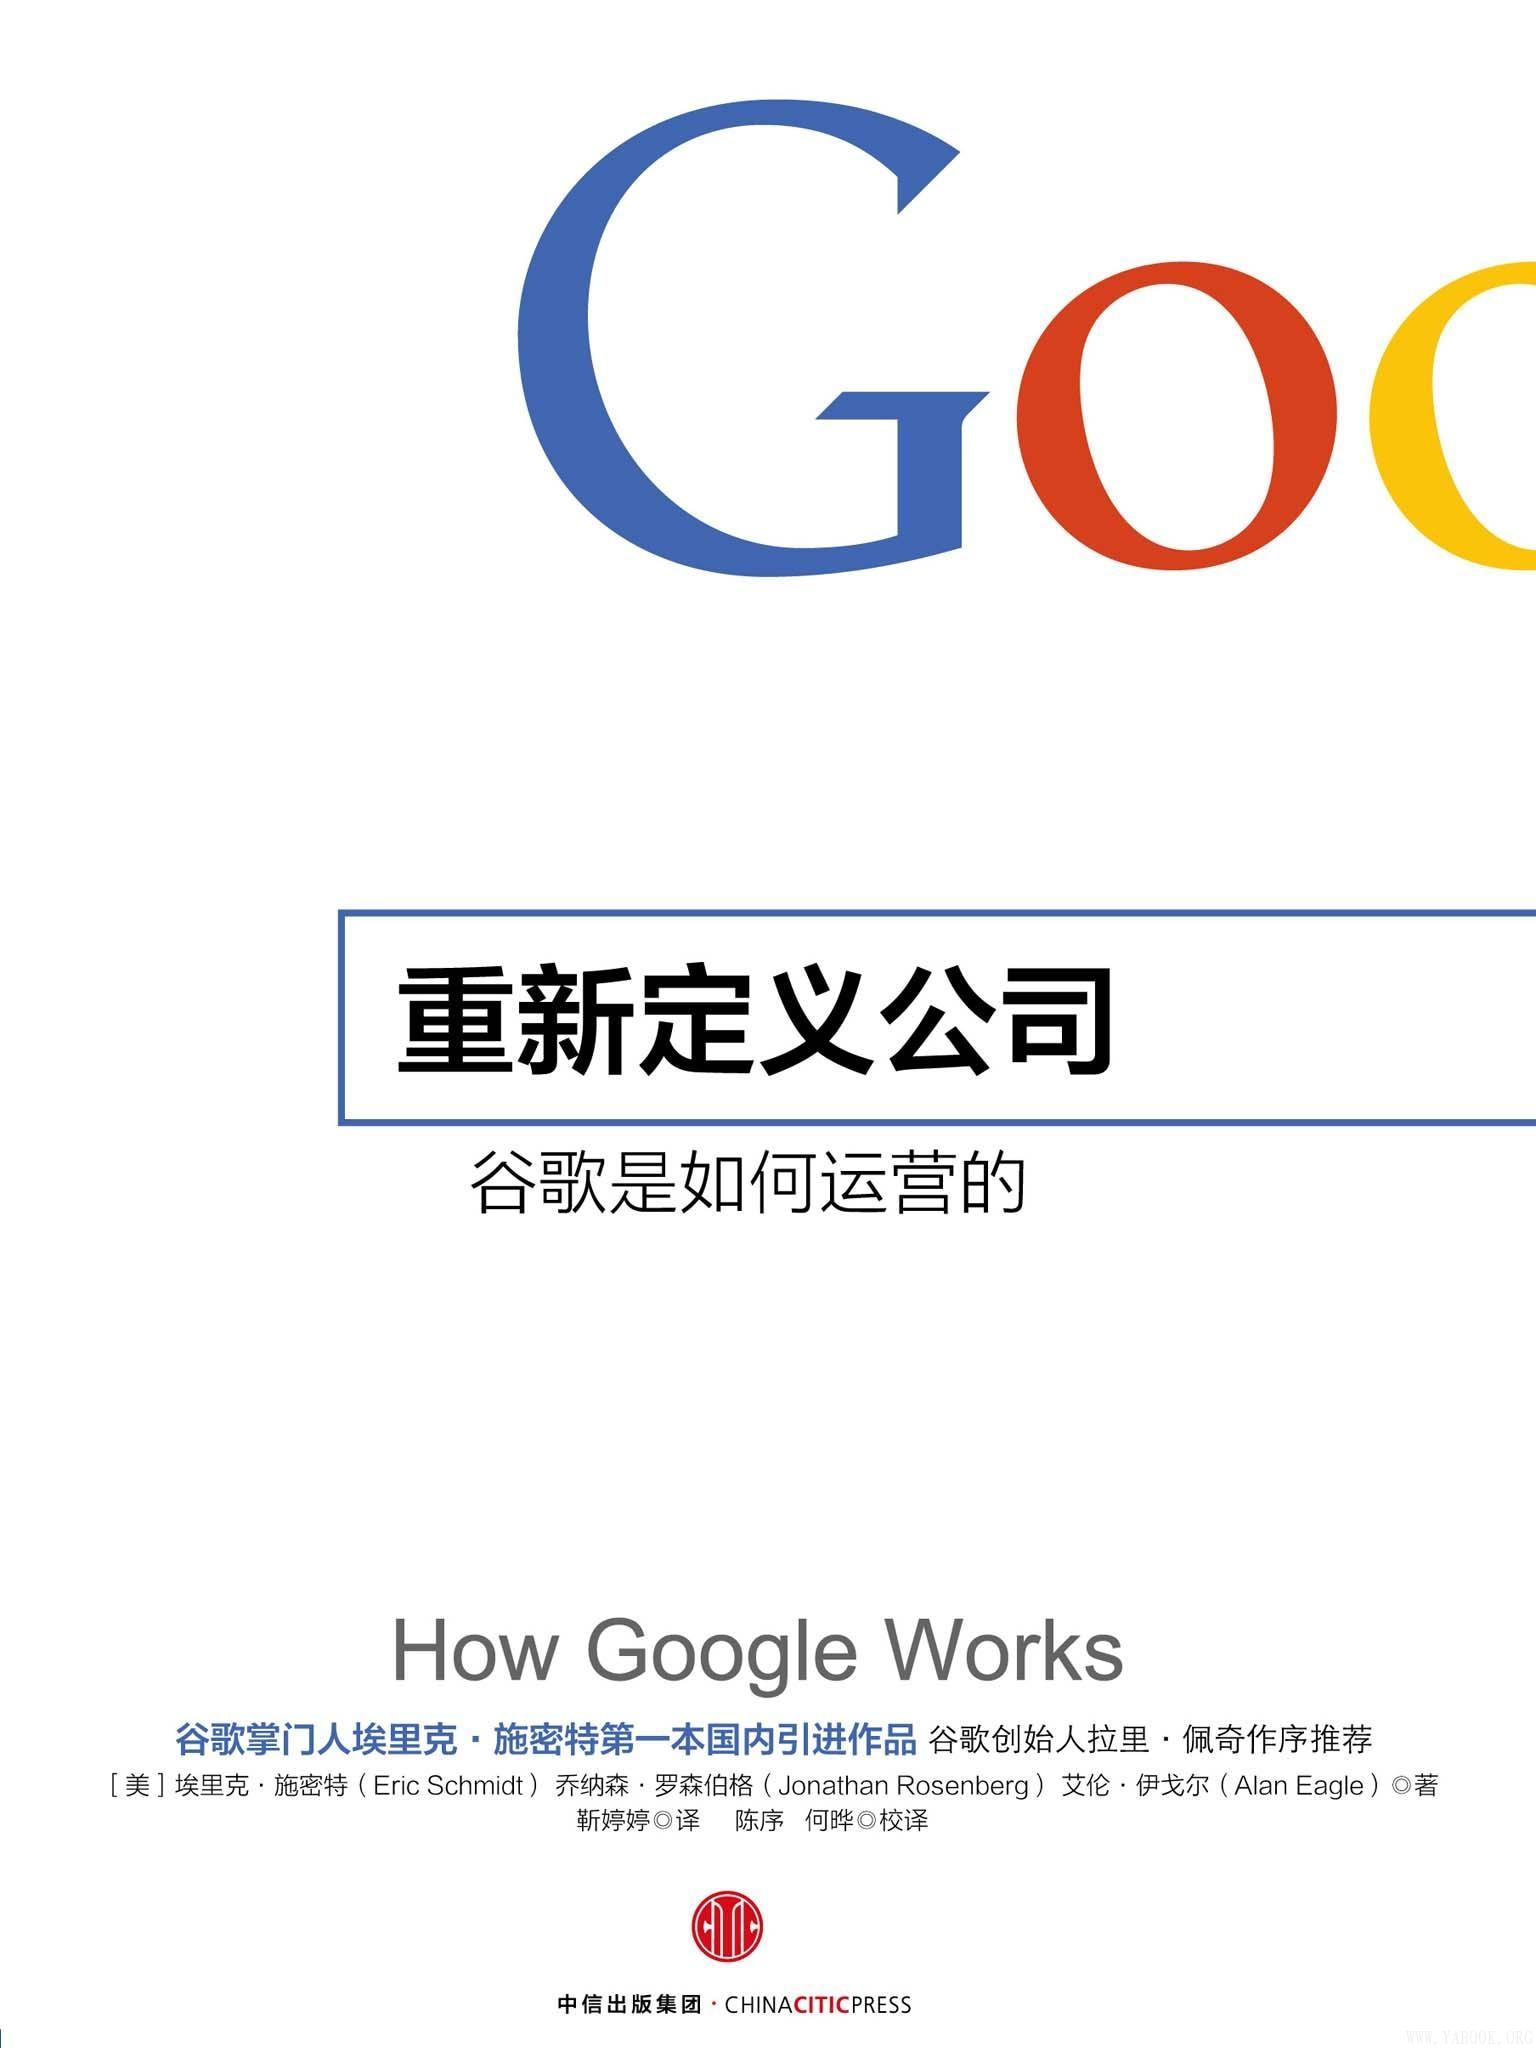 《重新定义公司谷歌是如何》封面图片